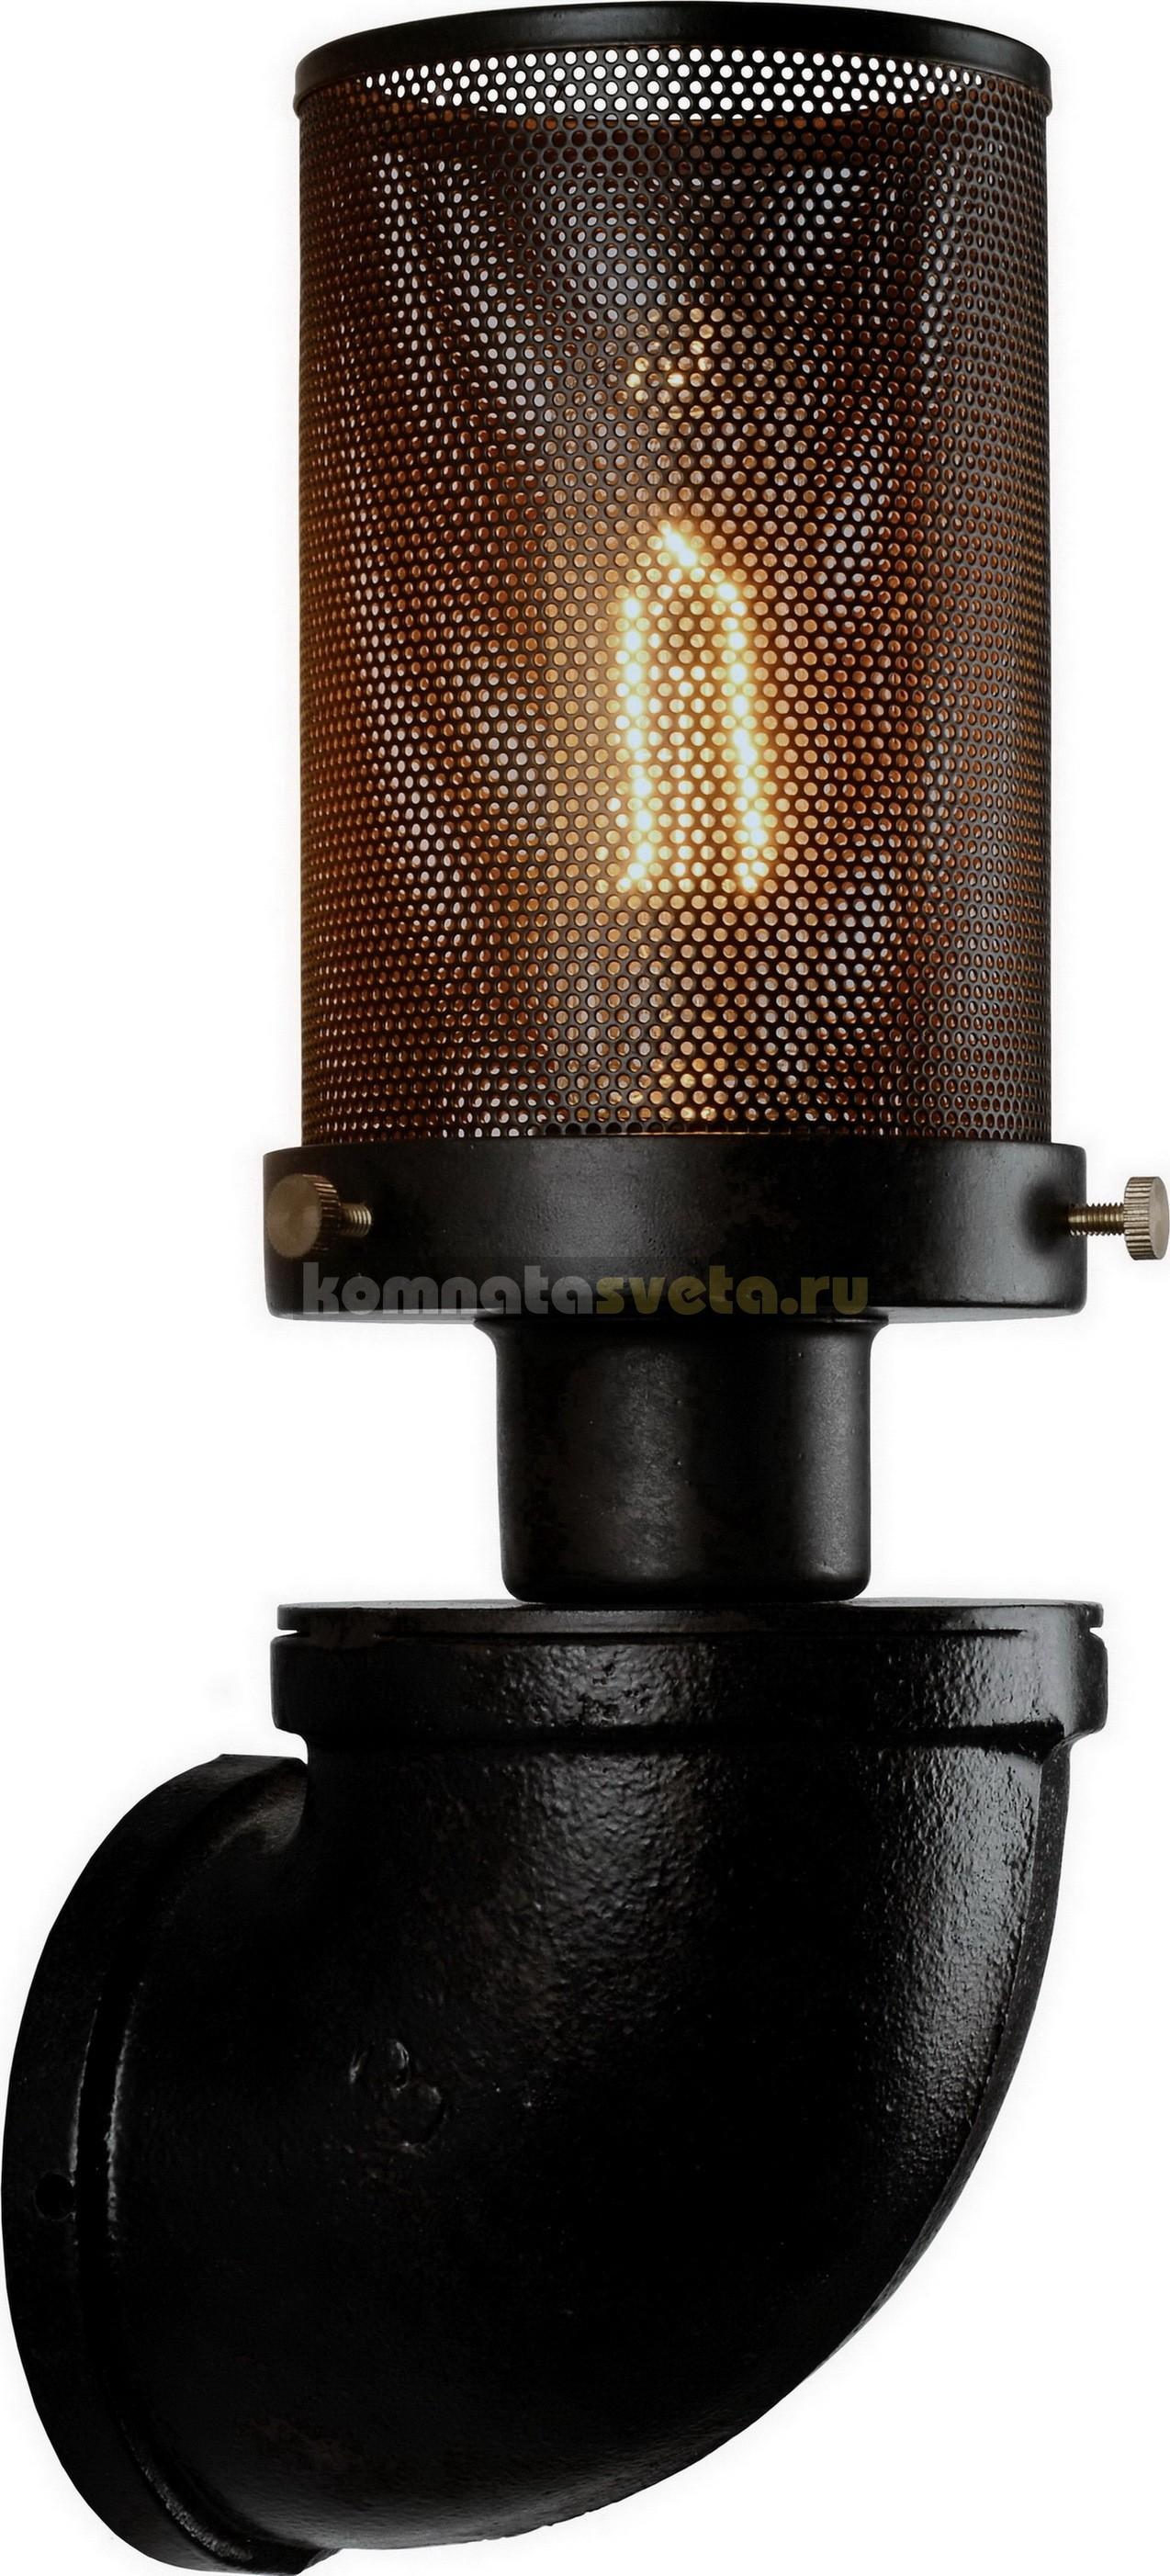 Бра LoftНастенные светильники и бра<br>Тип: бра,<br>Назначение светильника: для комнаты,<br>Стиль светильника: стимпанк,<br>Материал светильника: металл, стекло,<br>Тип лампы: накаливания,<br>Количество ламп: 1,<br>Мощность: 60,<br>Патрон: Е27,<br>Цвет арматуры: черный,<br>Длина (мм): 300,<br>Ширина: 100,<br>Удаление от стены: 110<br>